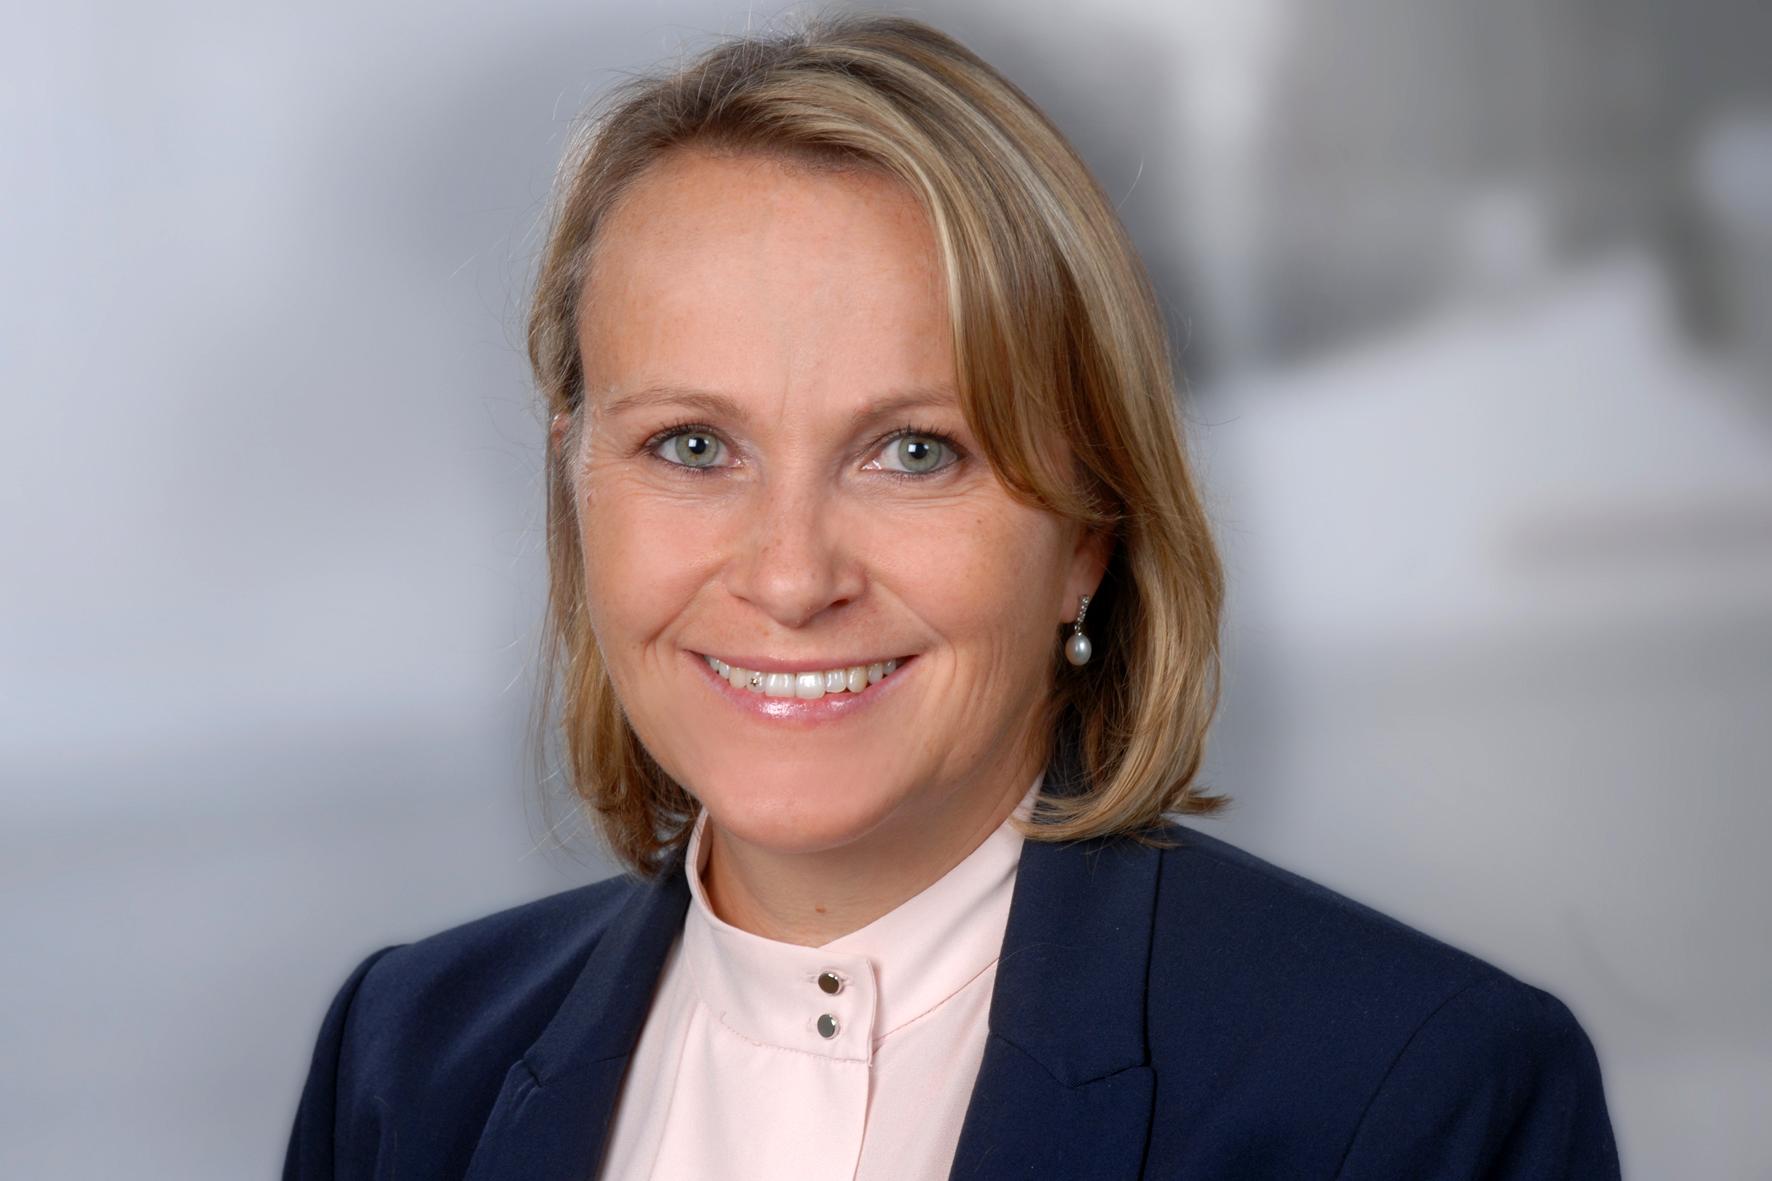 Kristin Markgraf